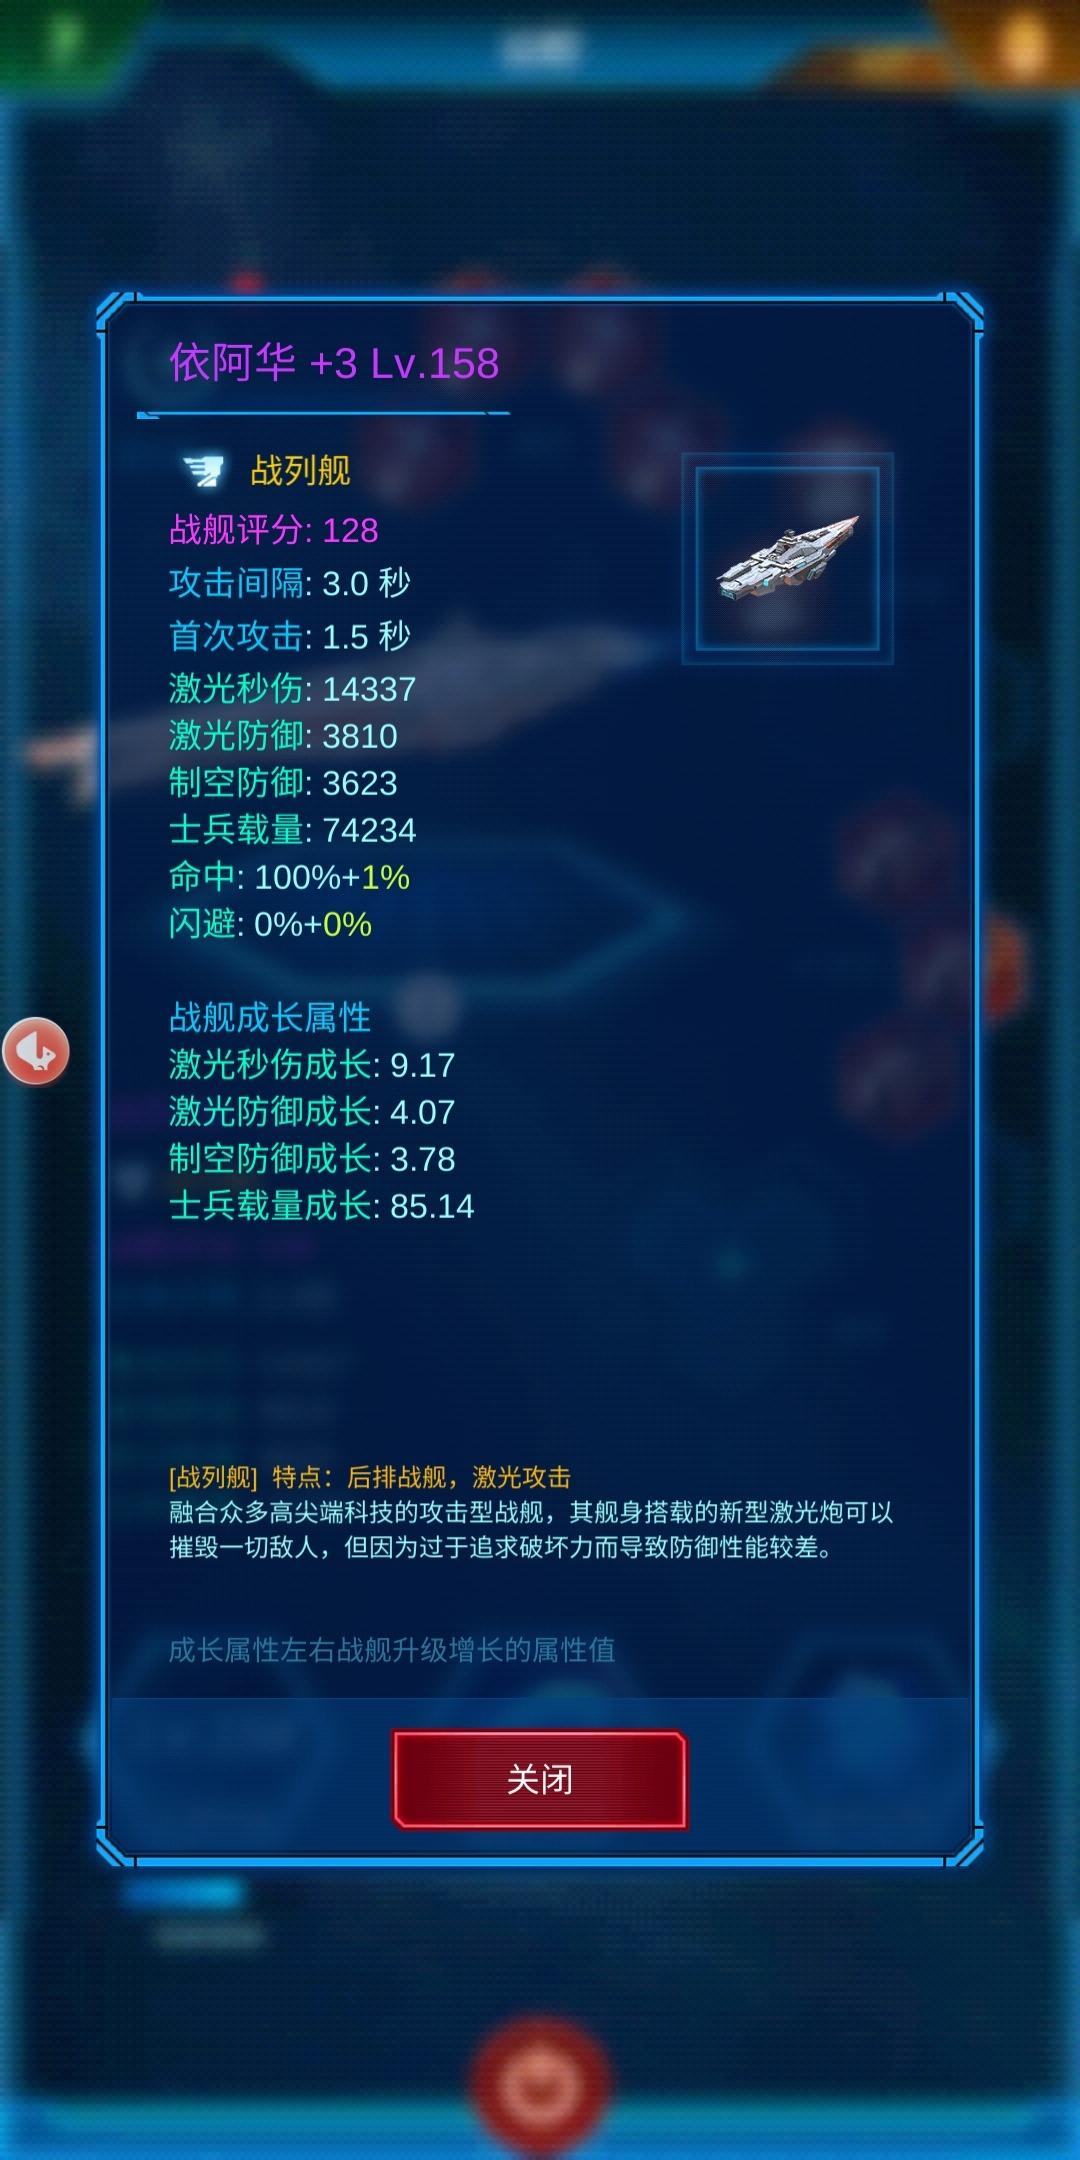 Screenshot_2020-04-14-11-21-45-702_com.xhzfz.mobile.xjjd.jpg